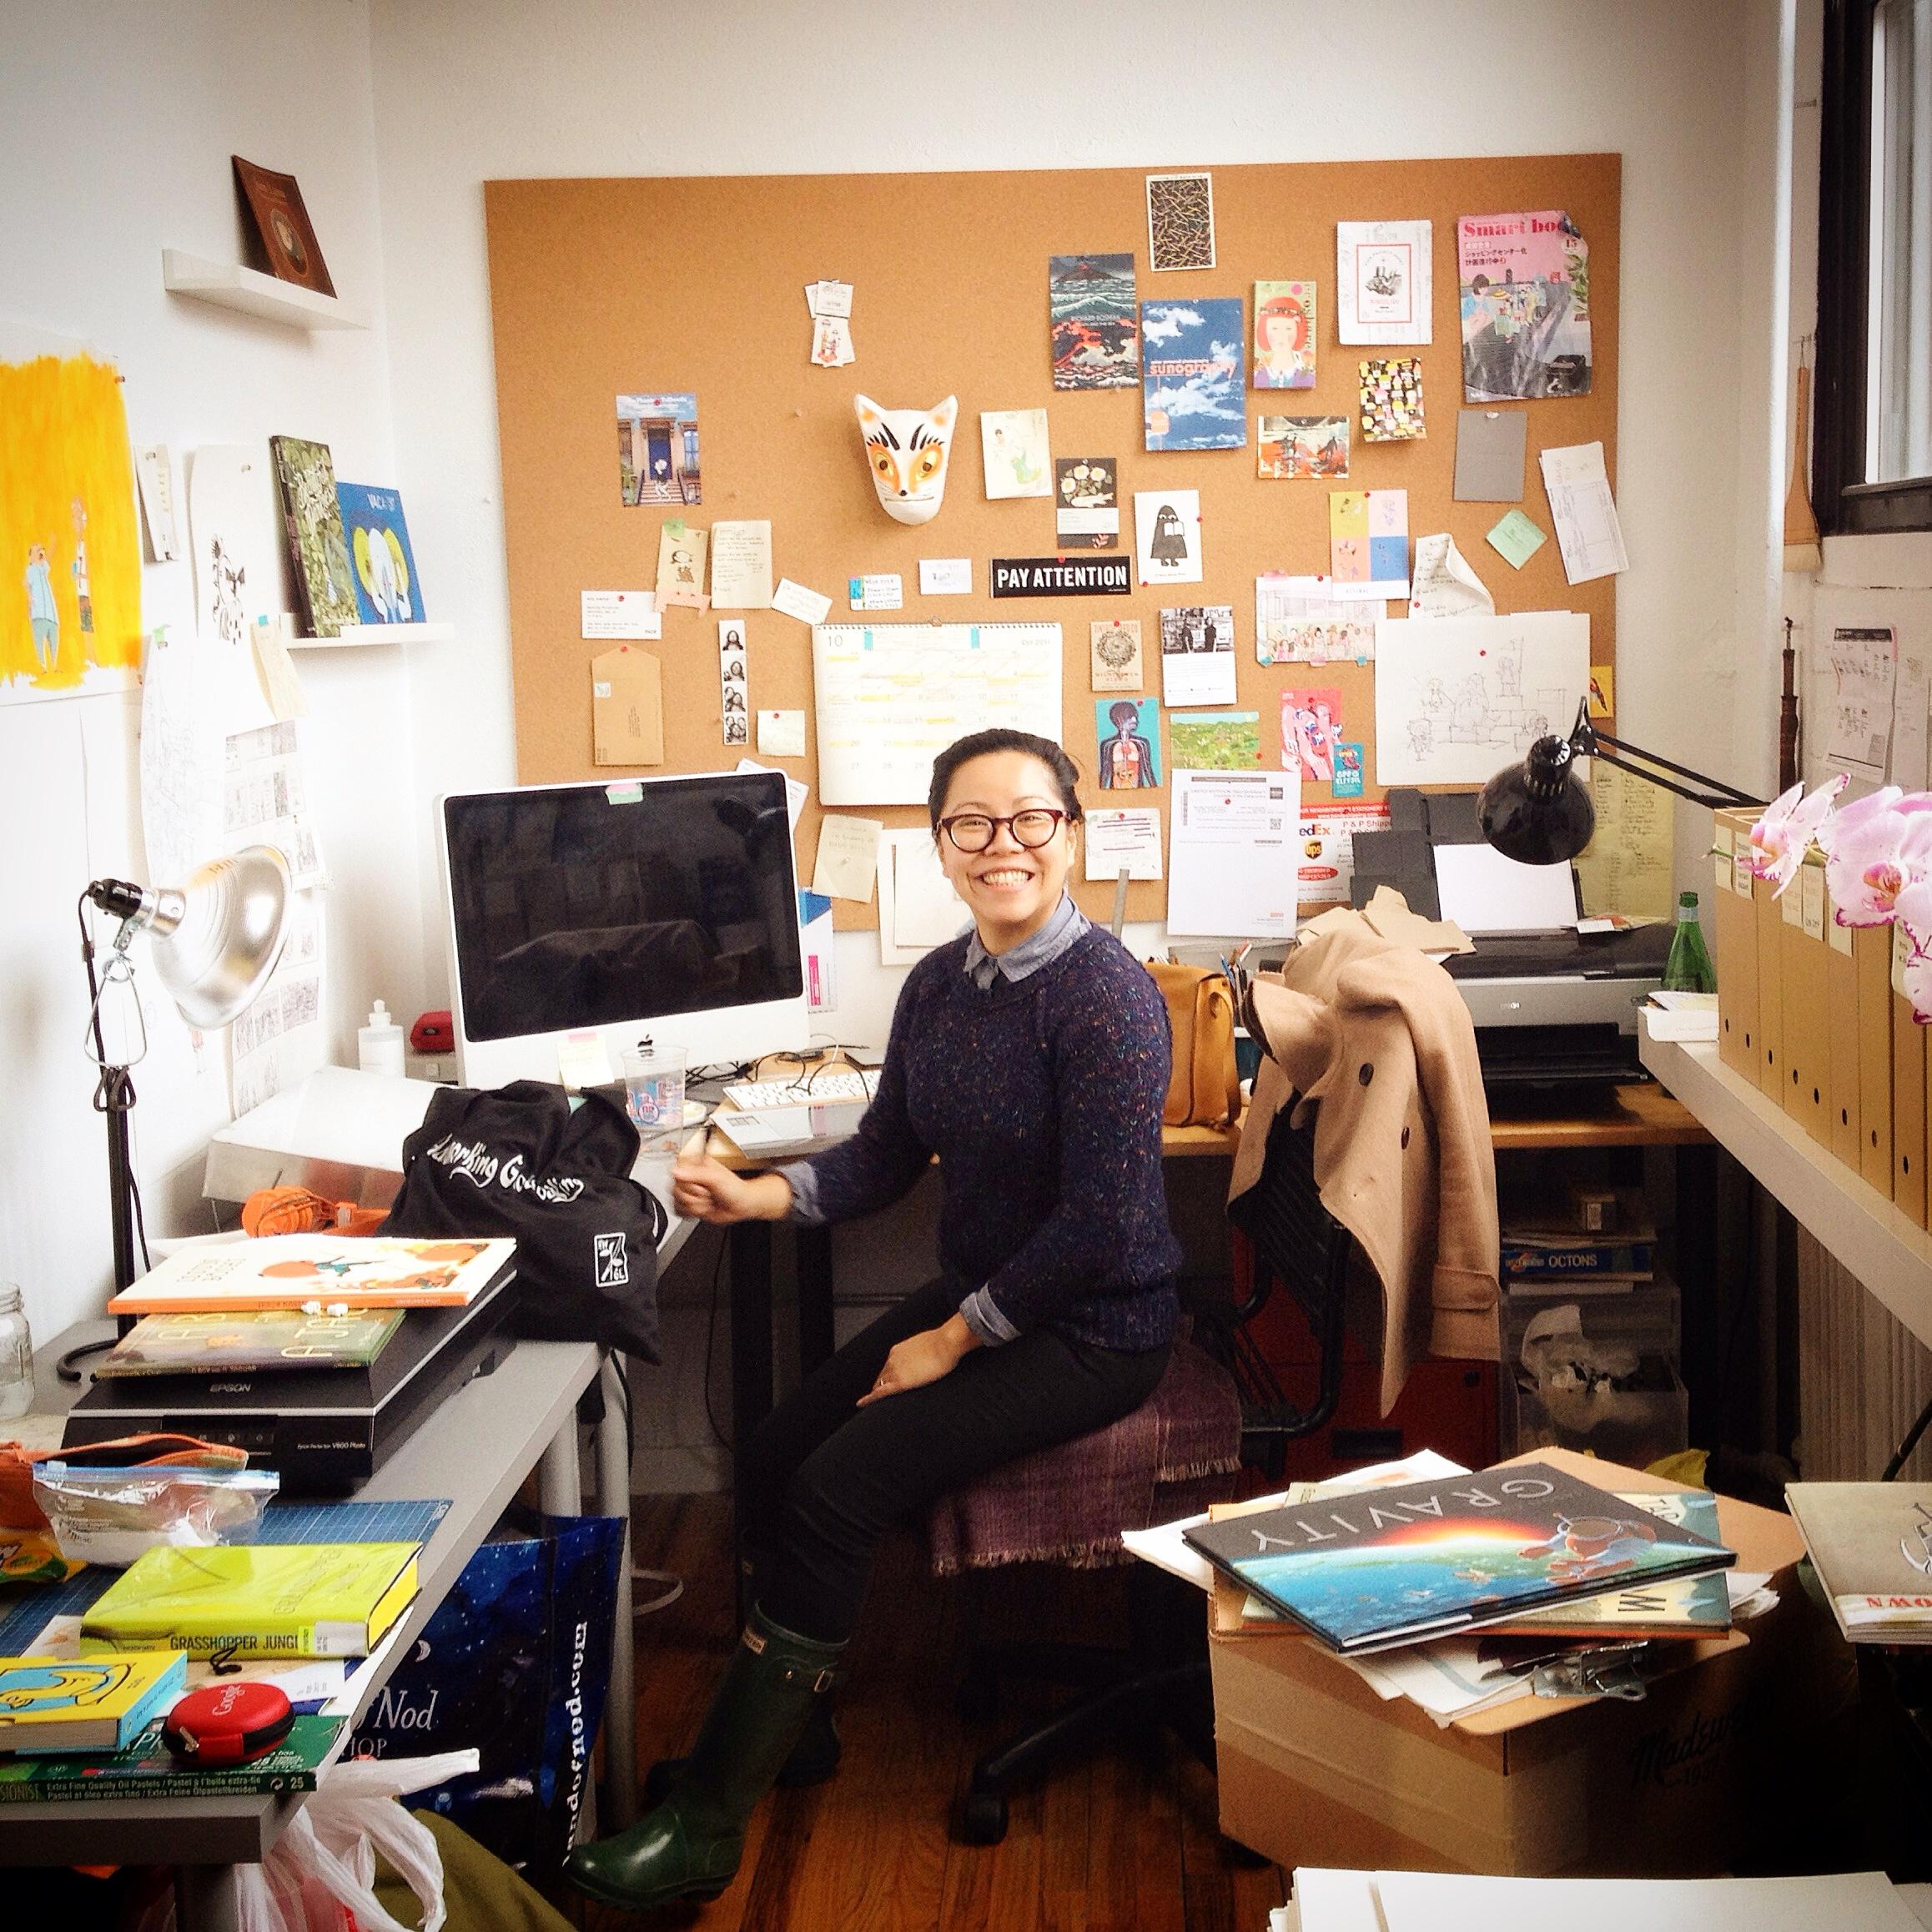 Isabel (illustrator extraordinaire) in her studio